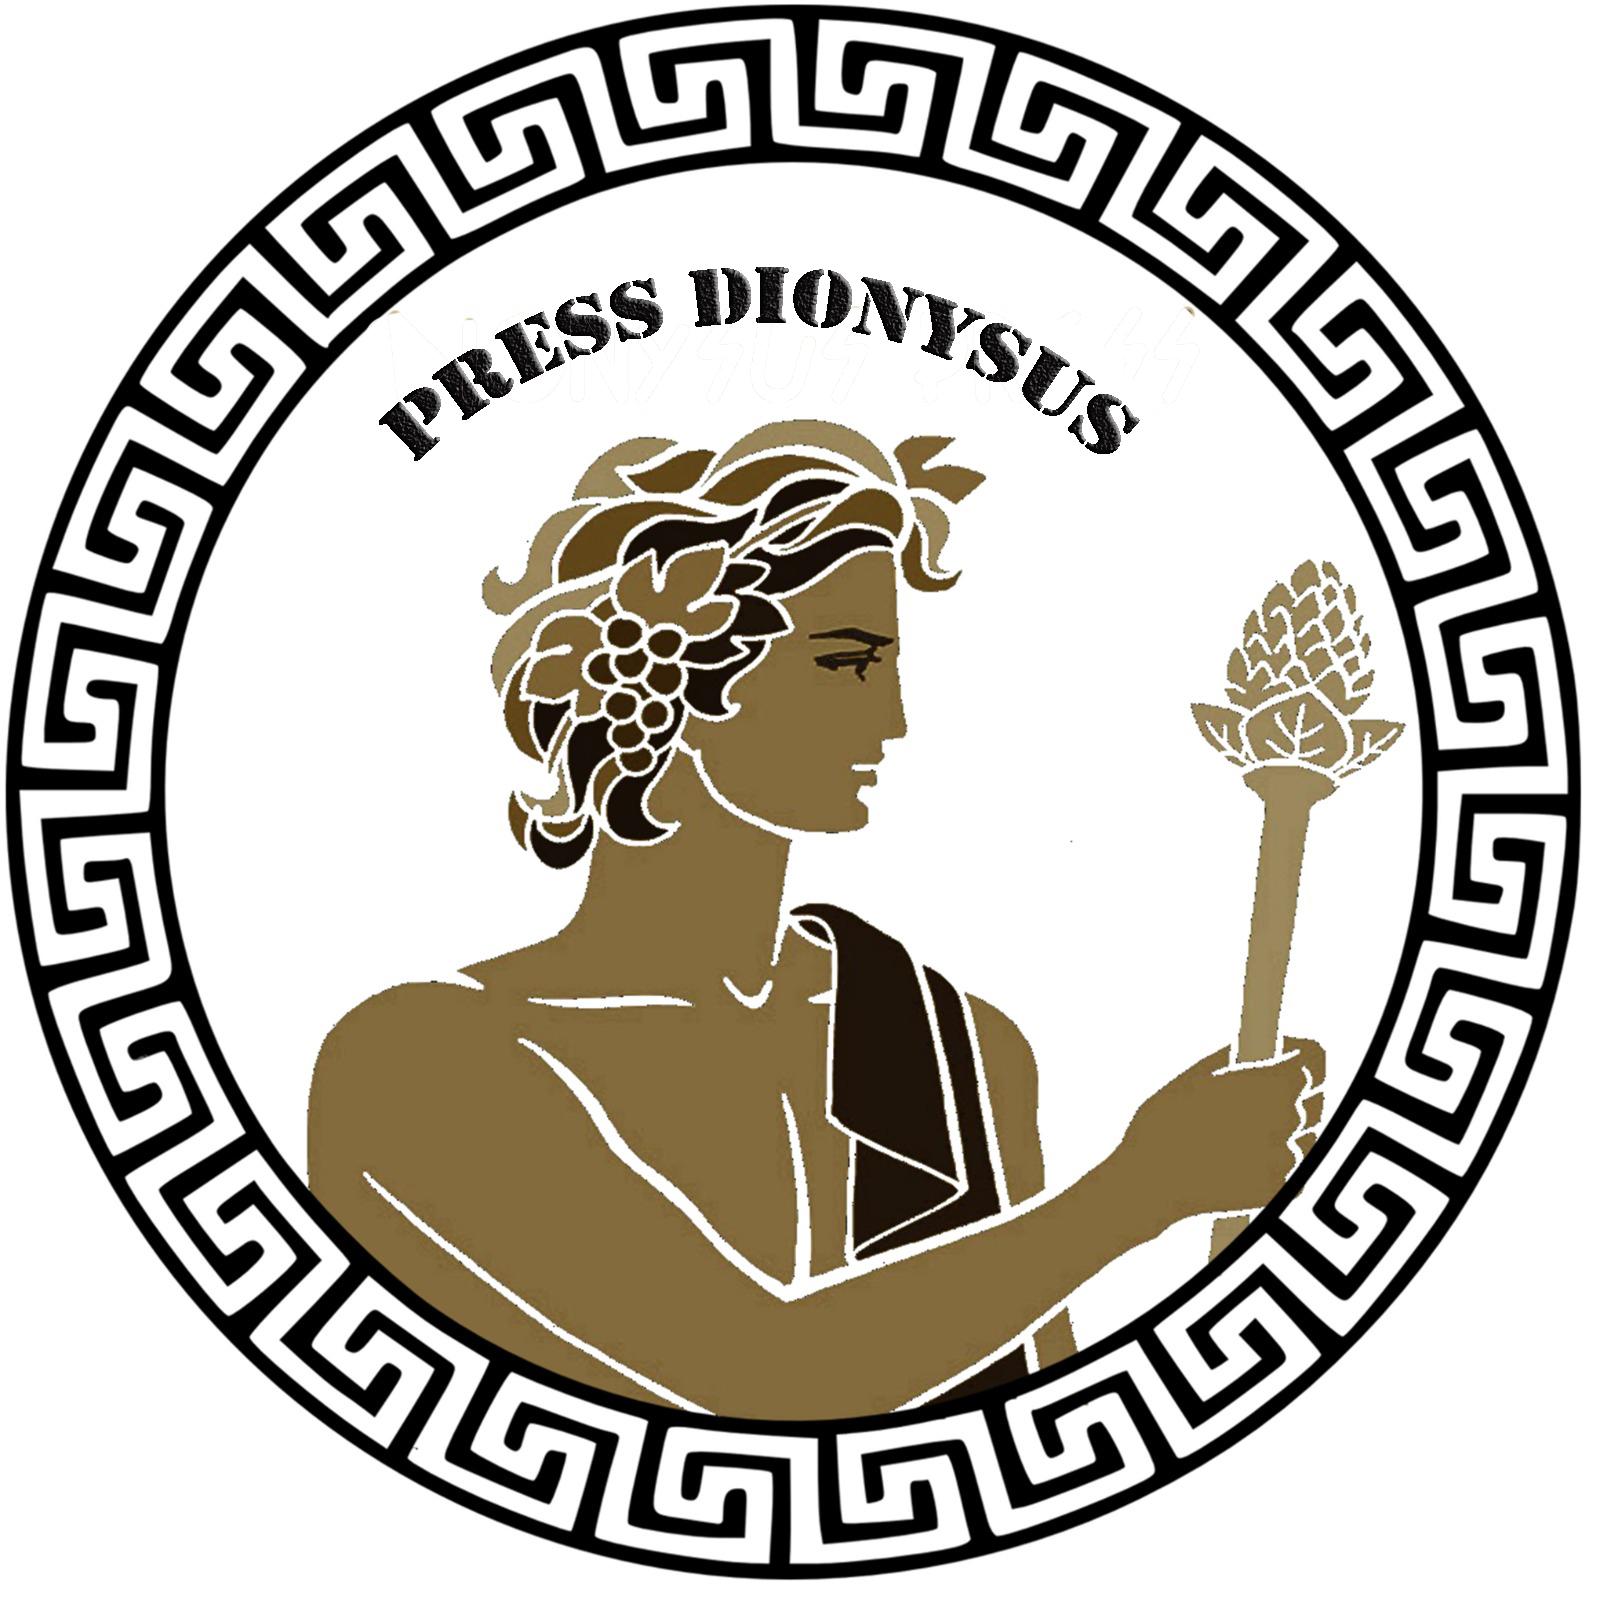 Press Dionysus